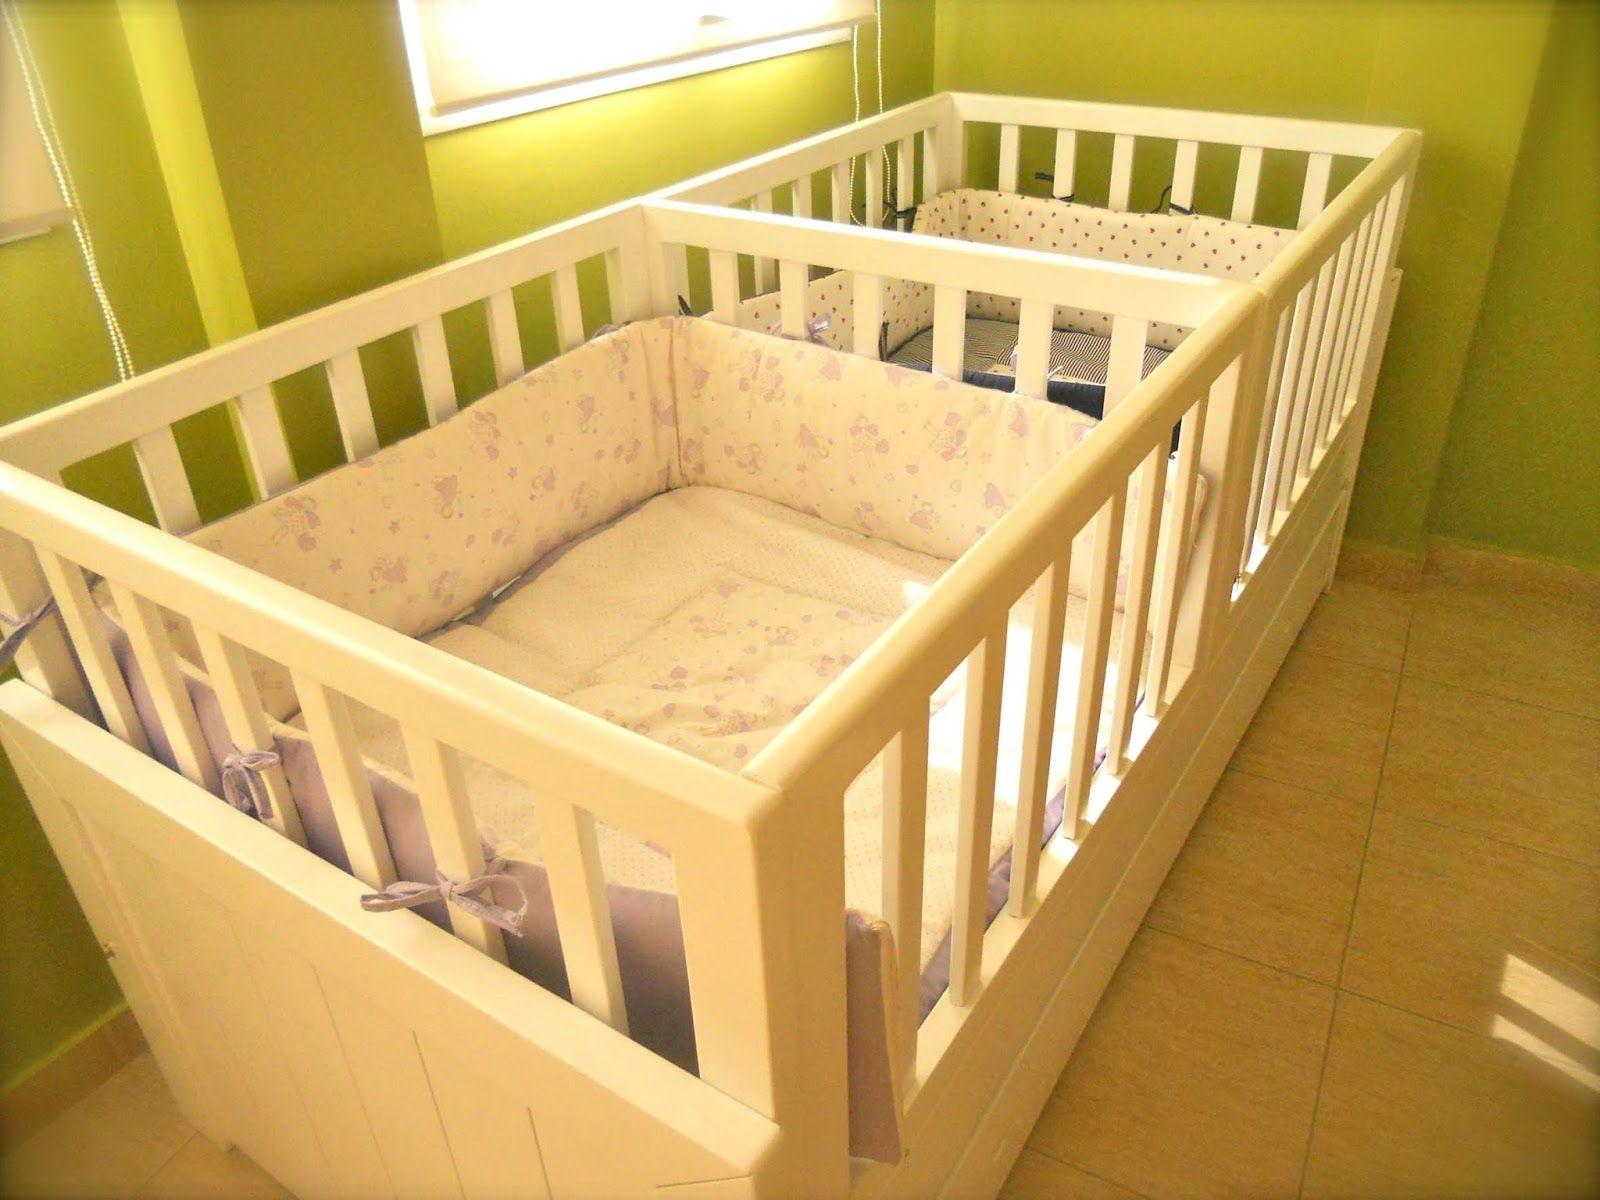 Dise o de cuartos para bebes y para - Cuna de diseno ...